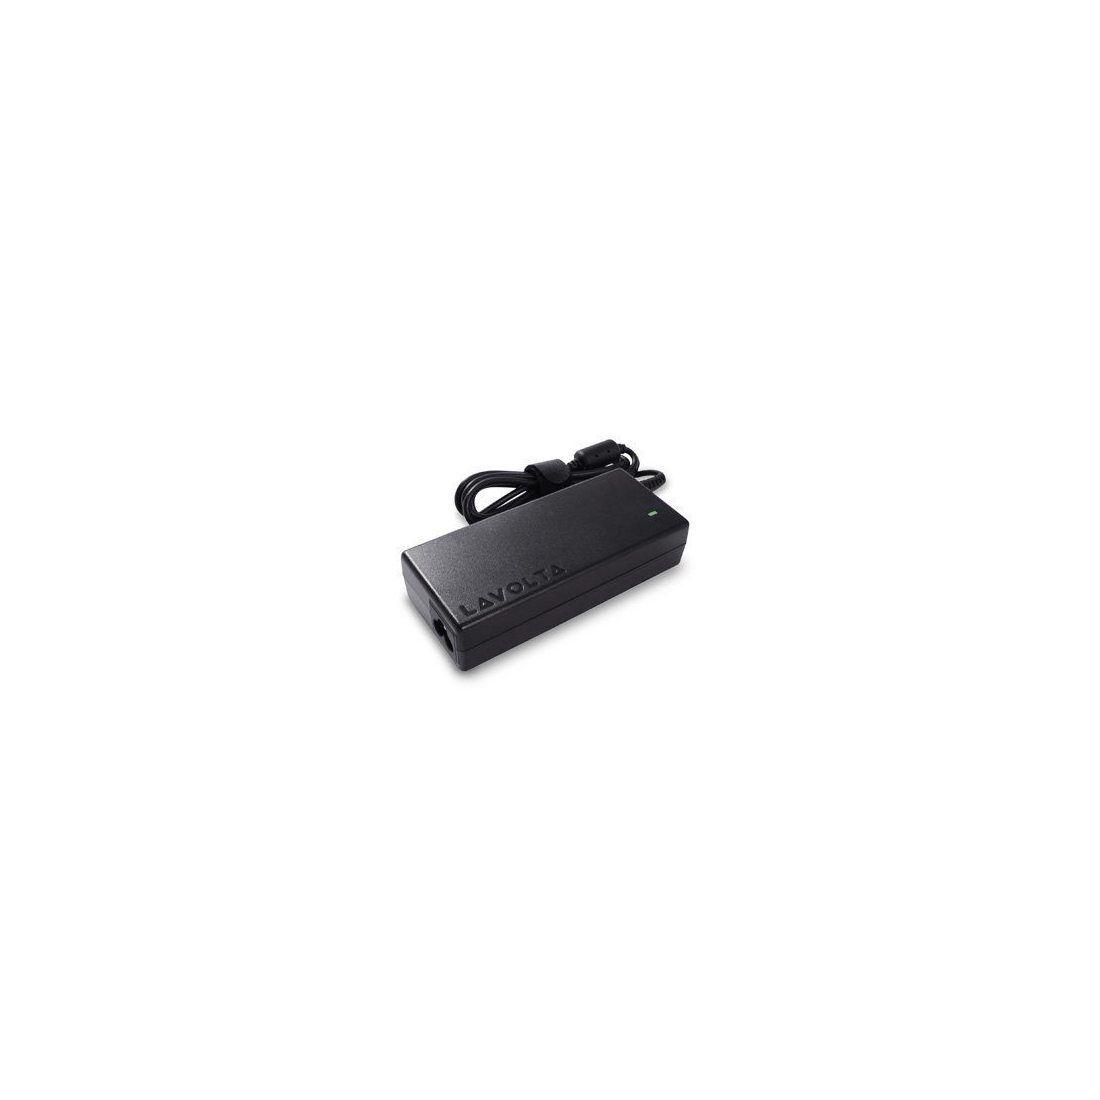 90W 65W Lavolta Chargeur Notebook PC Adaptateur pour Dell Latitude 15 14 13 12 Séries E7450 E6410 E6430 E7470 E7250 E7240 E64